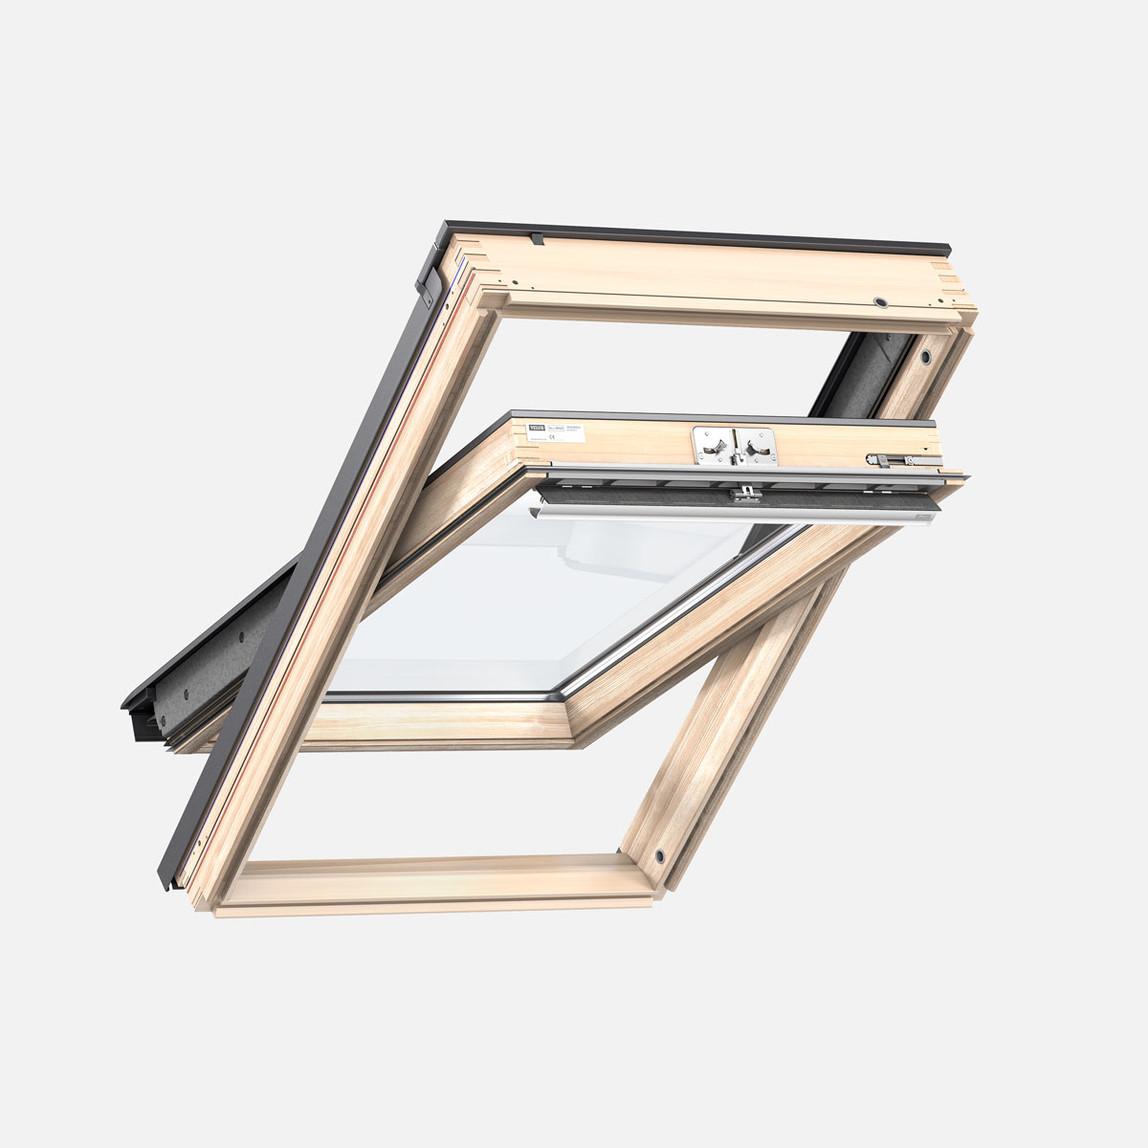 Basıc Ahşap Çatı Penceresi  55x78Cm